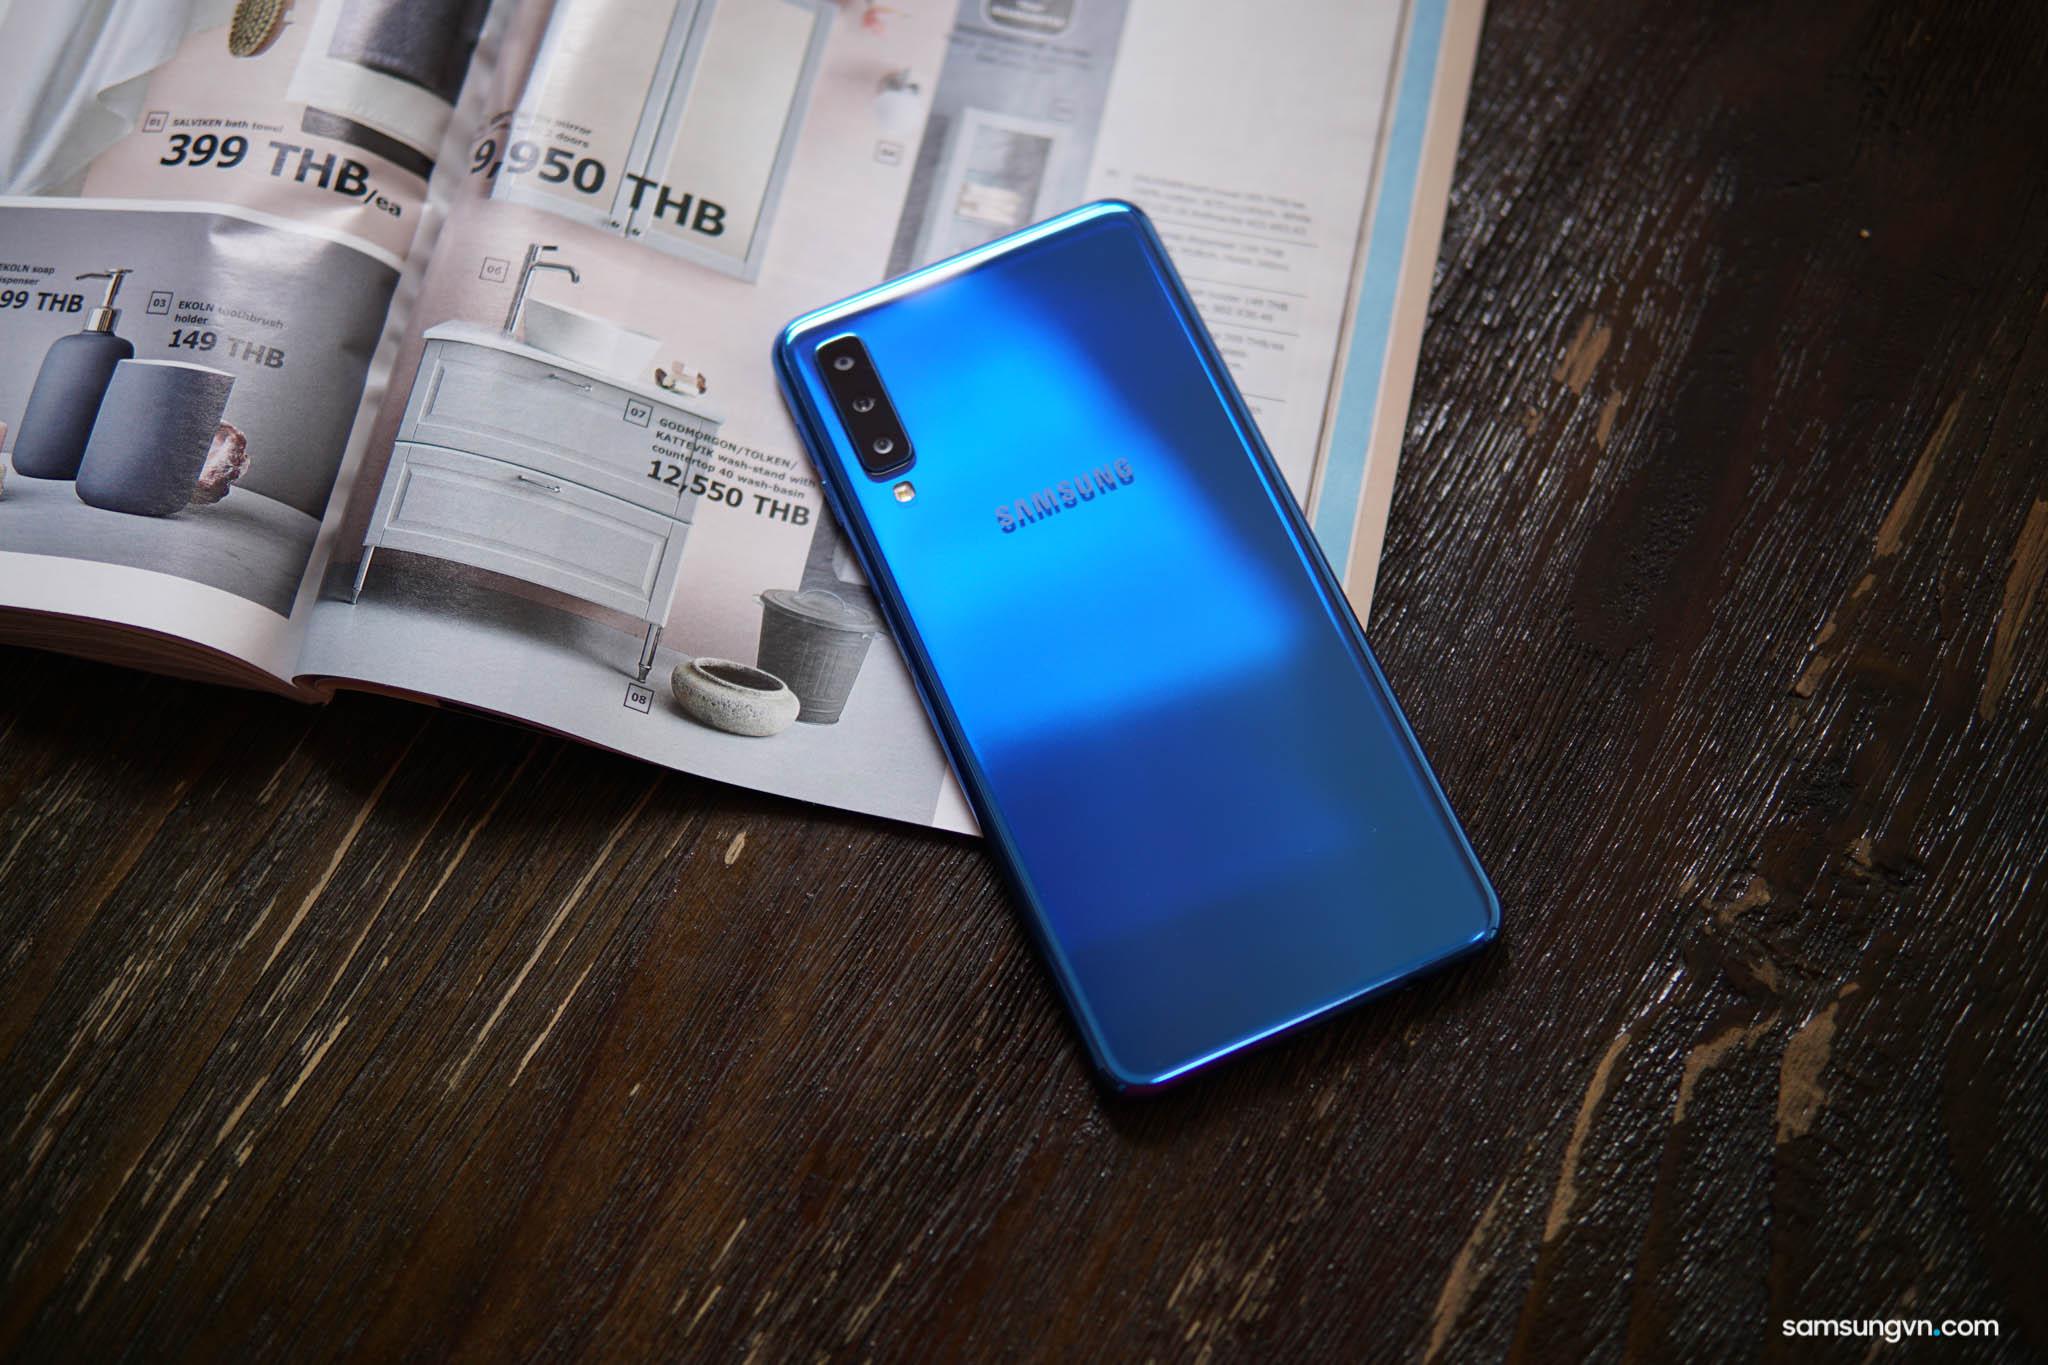 Mua Galaxy A7 (2018) 64GB – Miễn phí nâng cấp lên bản 128GB trong 2 ngày